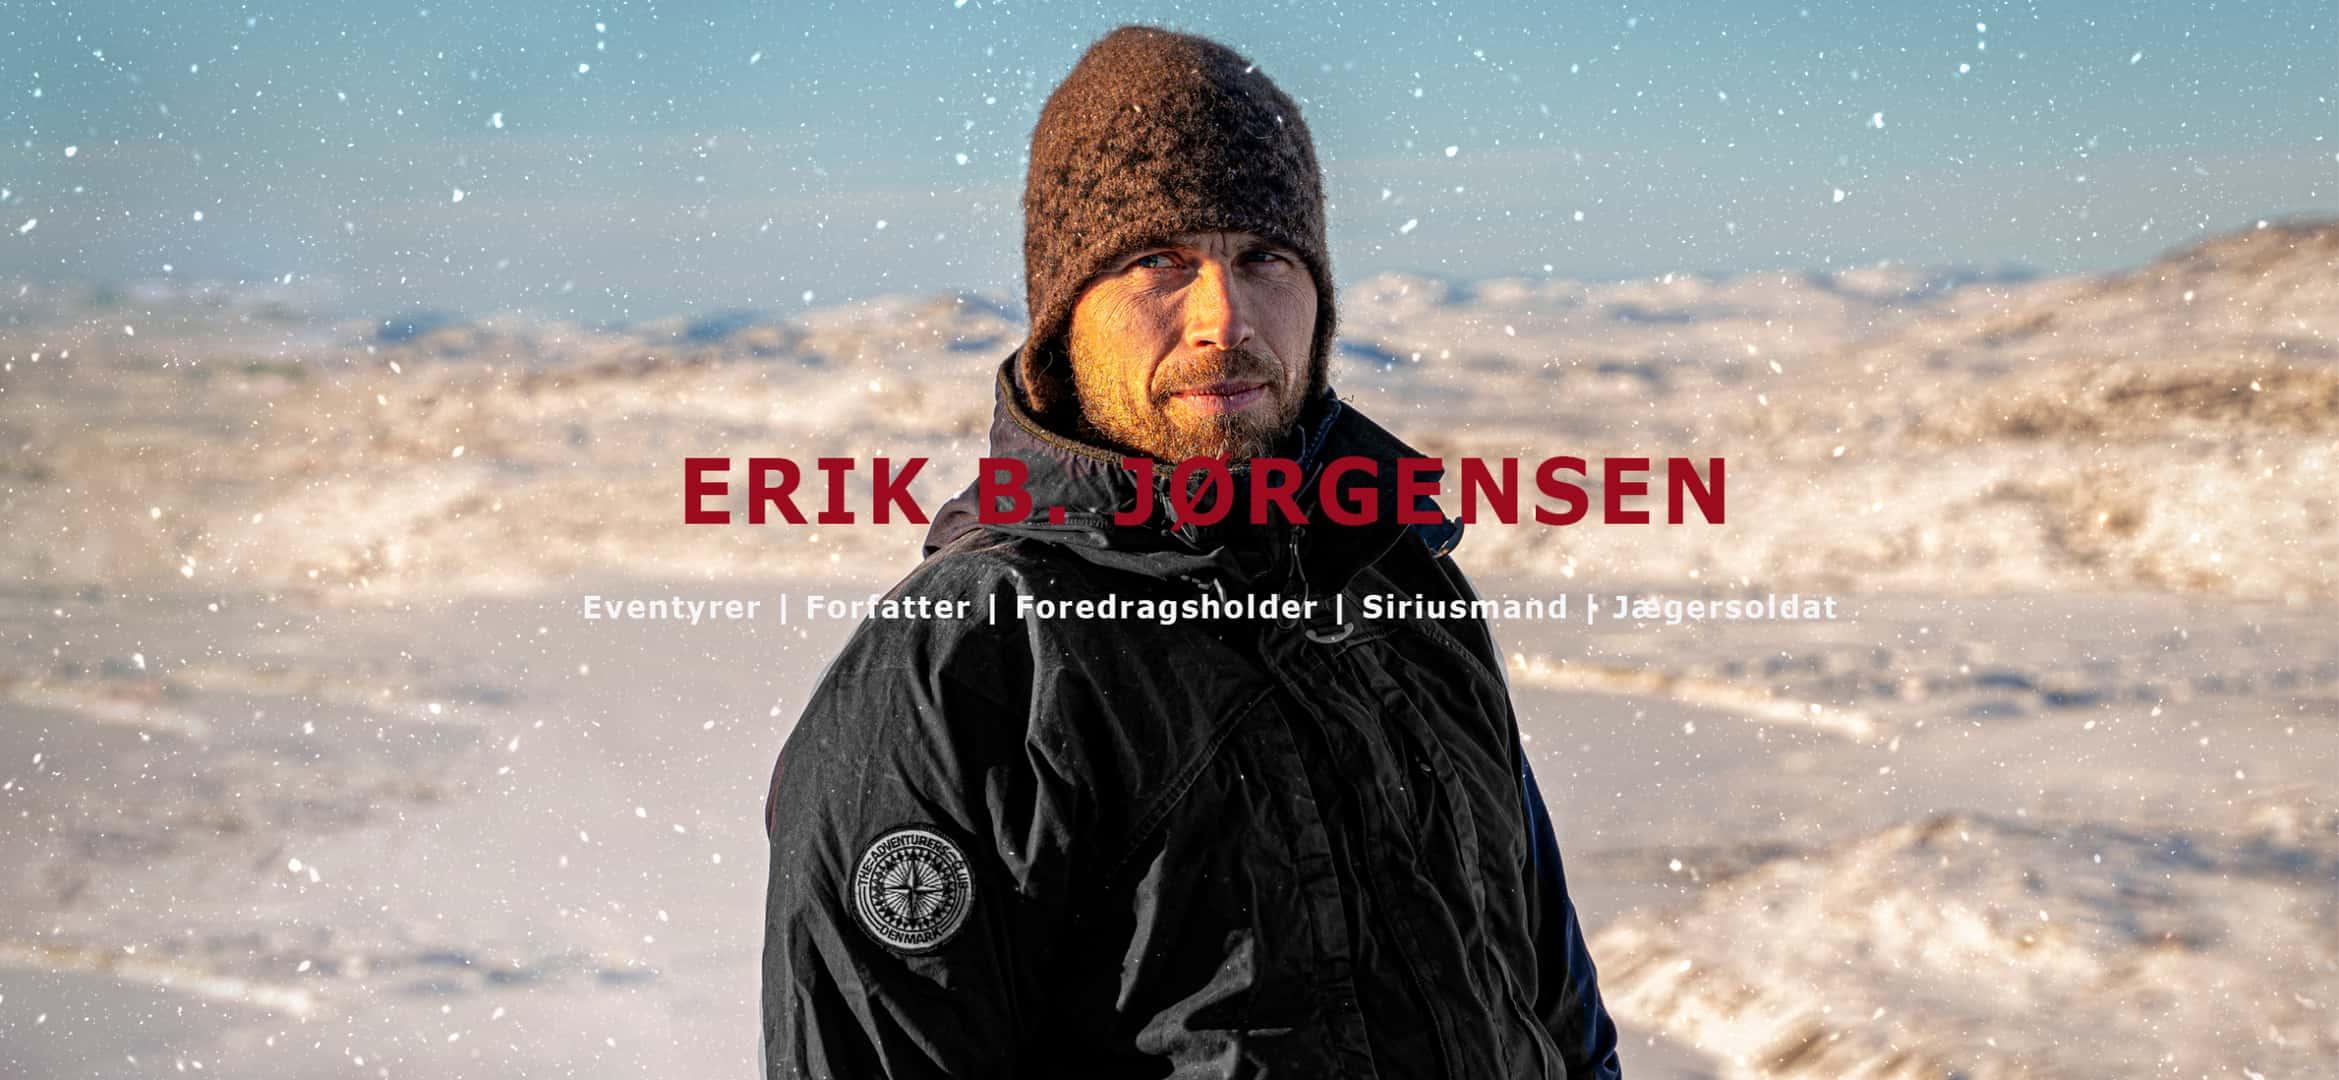 Kom ud, Erik B. Jørgensen, foredragsholder, forfatter, eventyrer, ekspeditionsleder og coach